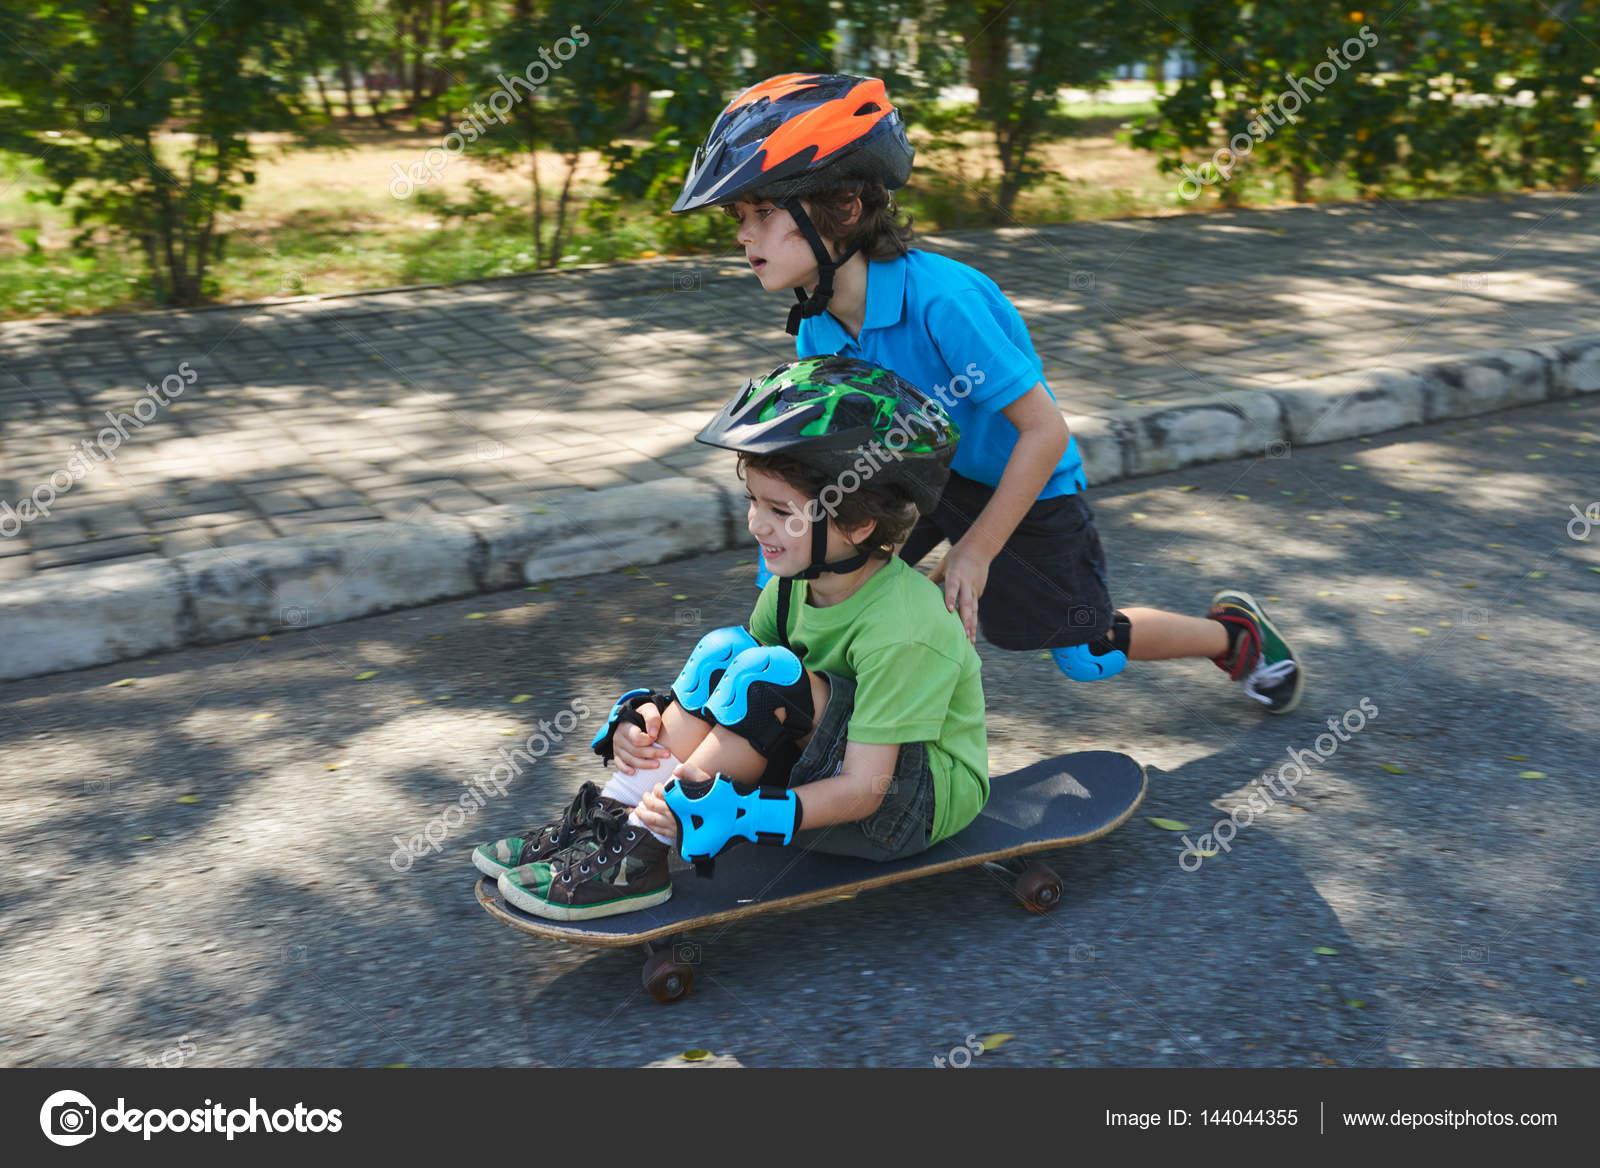 Crianças Se Divertindo No Parque: Amigos Se Divertindo No Parque